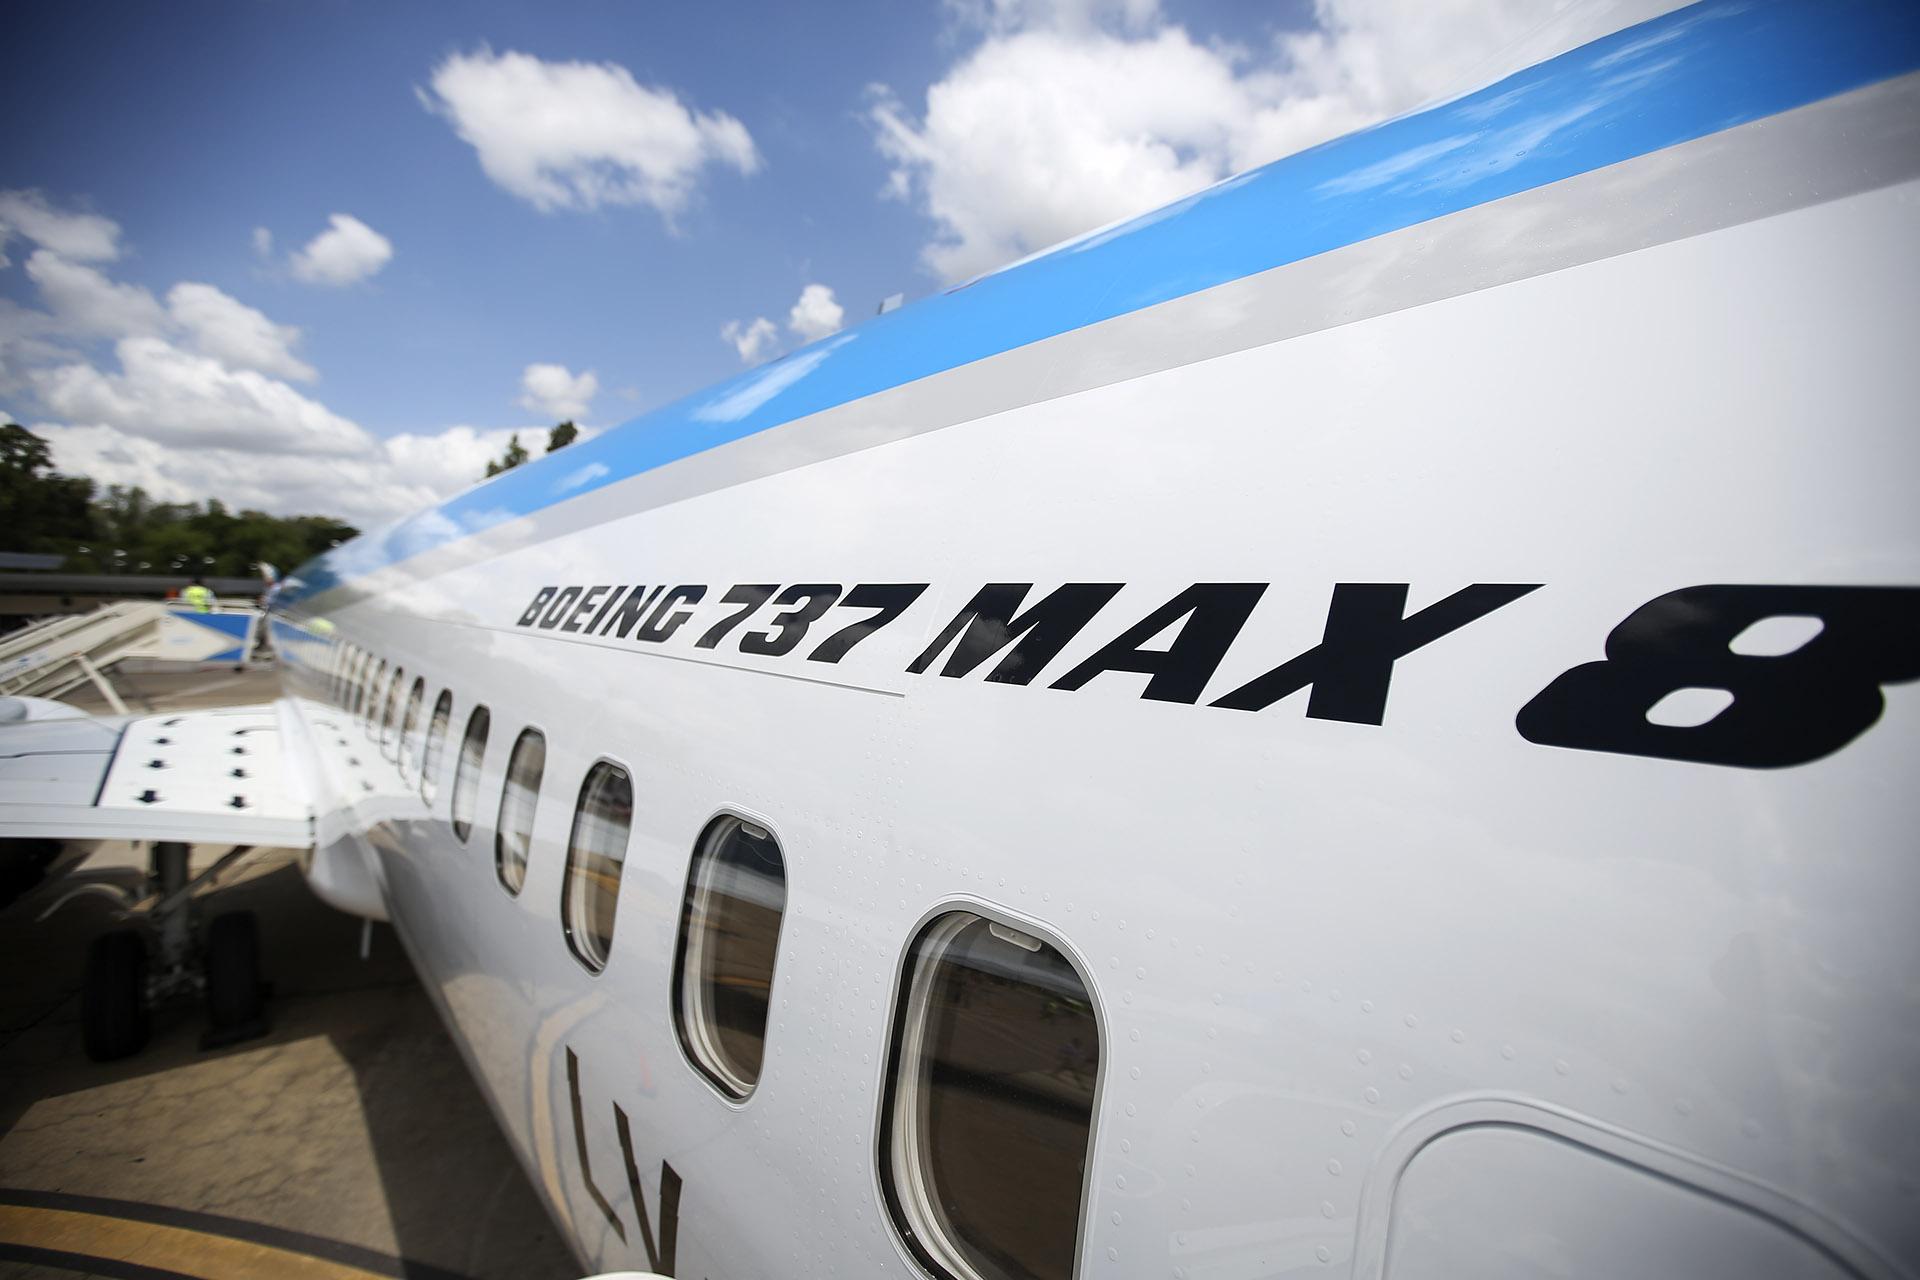 El primer vuelo comercial que realizó el nuevo avión fue la ruta Mendoza-Buenos Aires